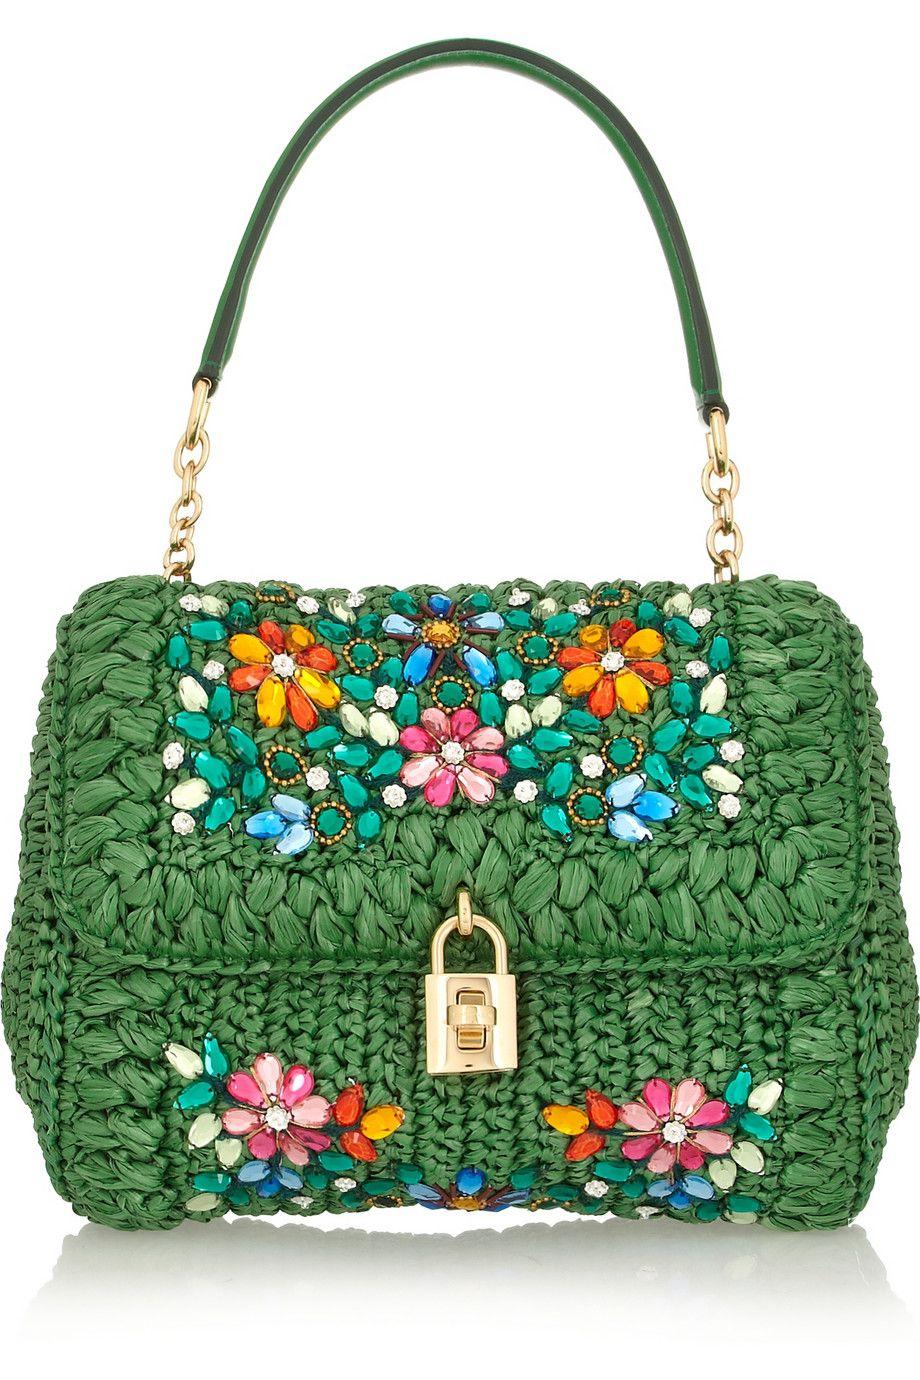 Dolce   Gabbana  7bae27b7033a5